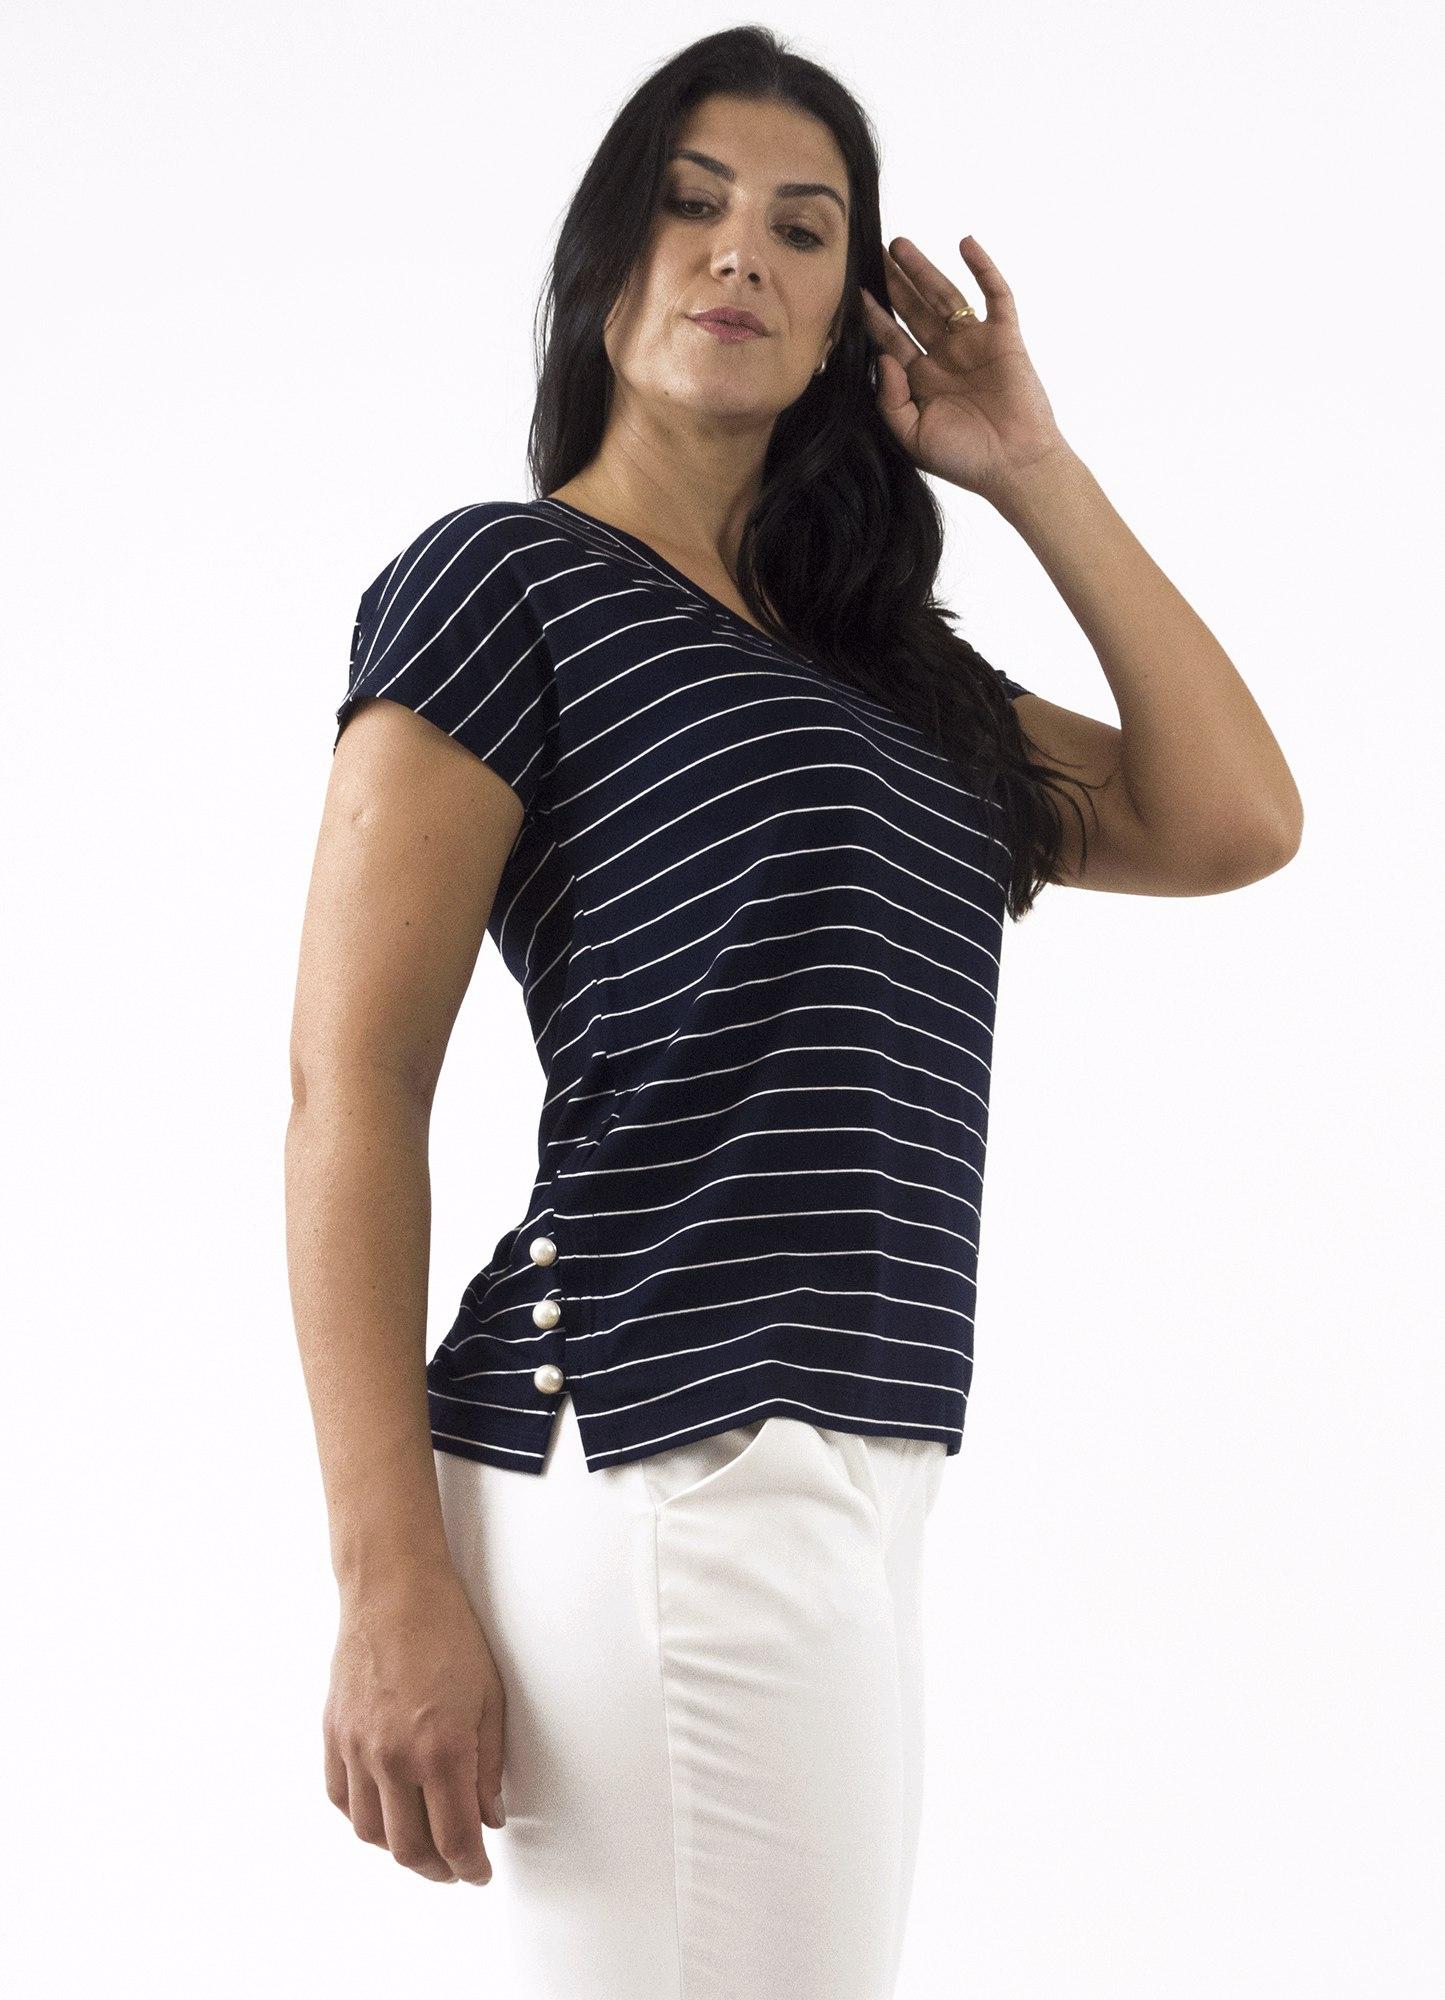 Blusa Feminina Viscose Listrada Preta e Branca Decote V com Botões Laterais Decorativos